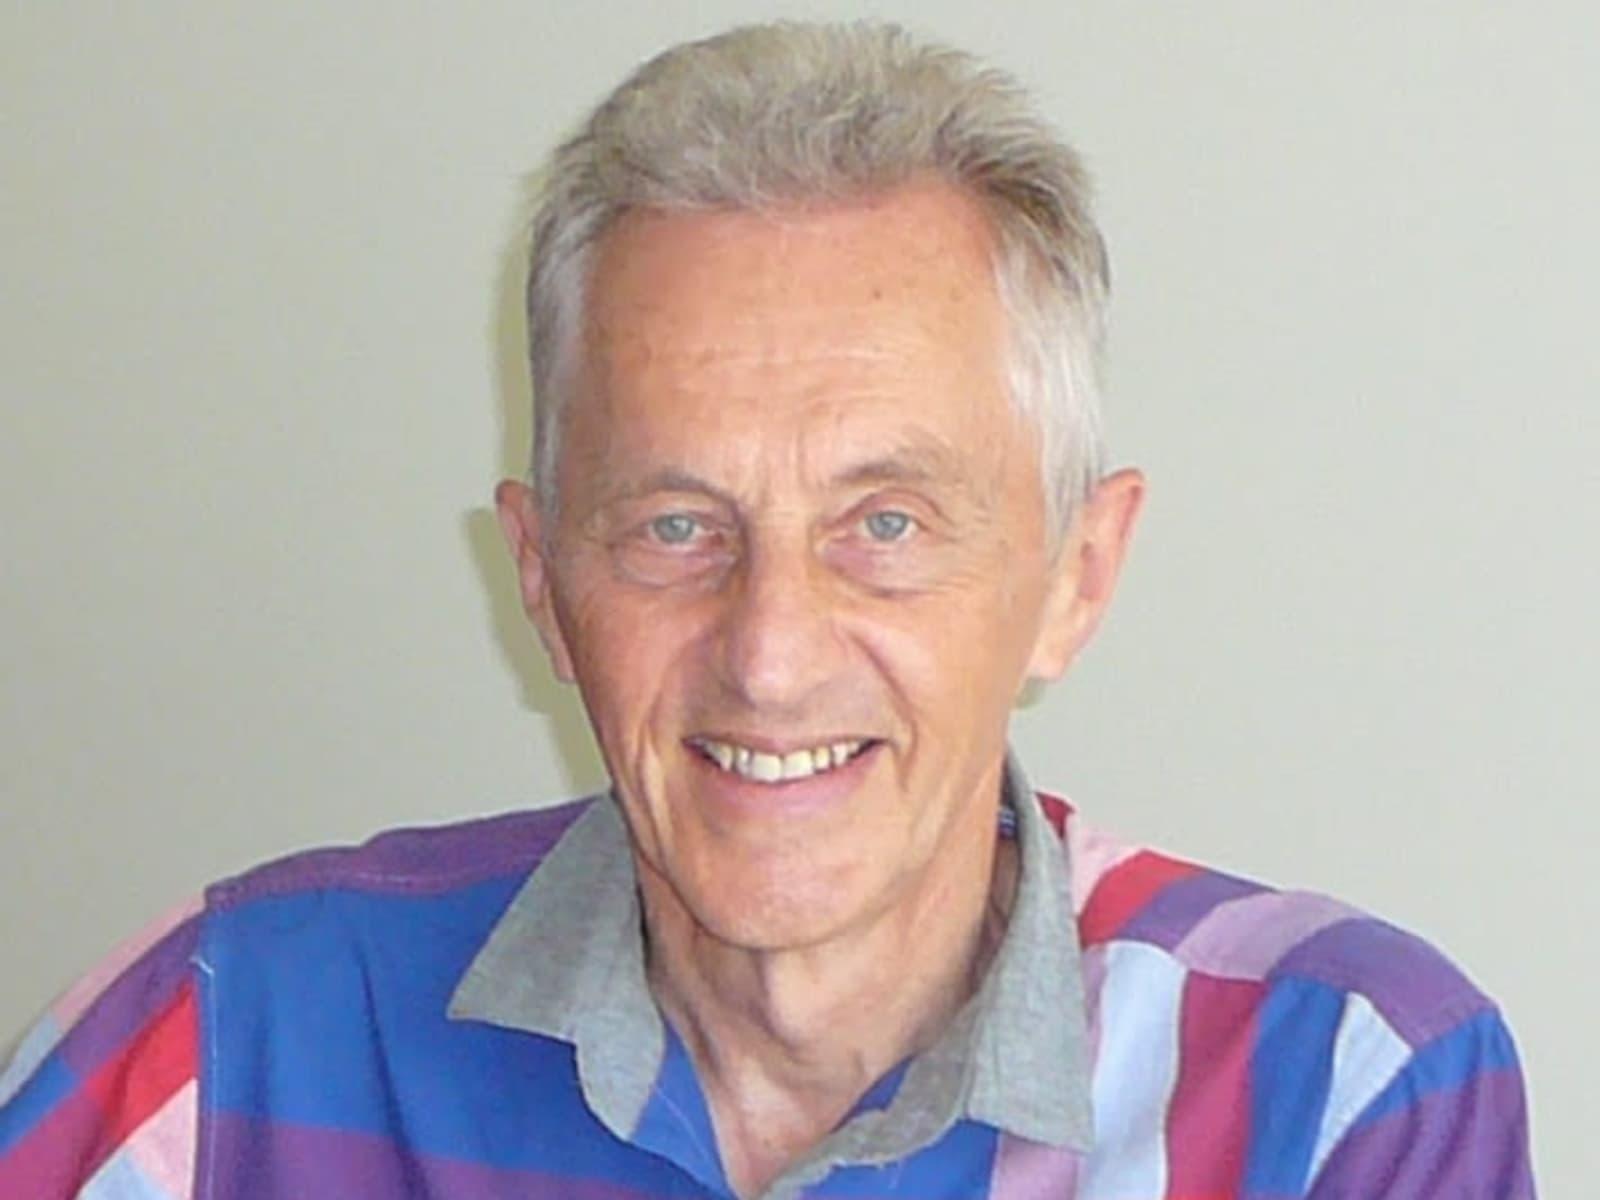 Wim from Melbourne, Victoria, Australia